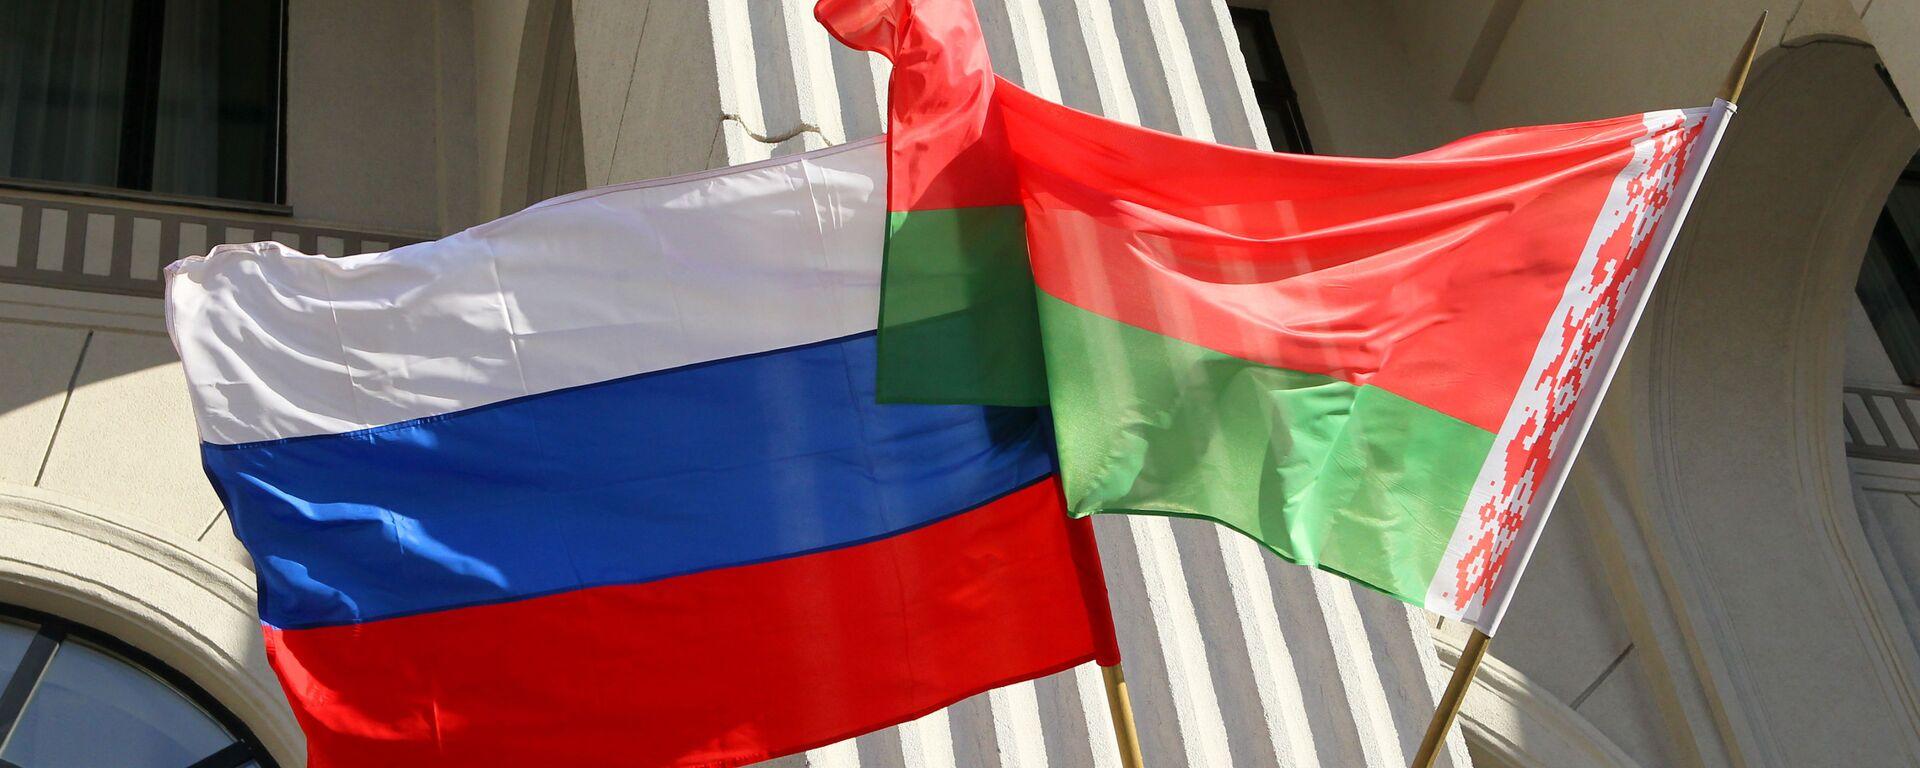 Zastave Rusije i Belorusije - Sputnik Srbija, 1920, 12.09.2021